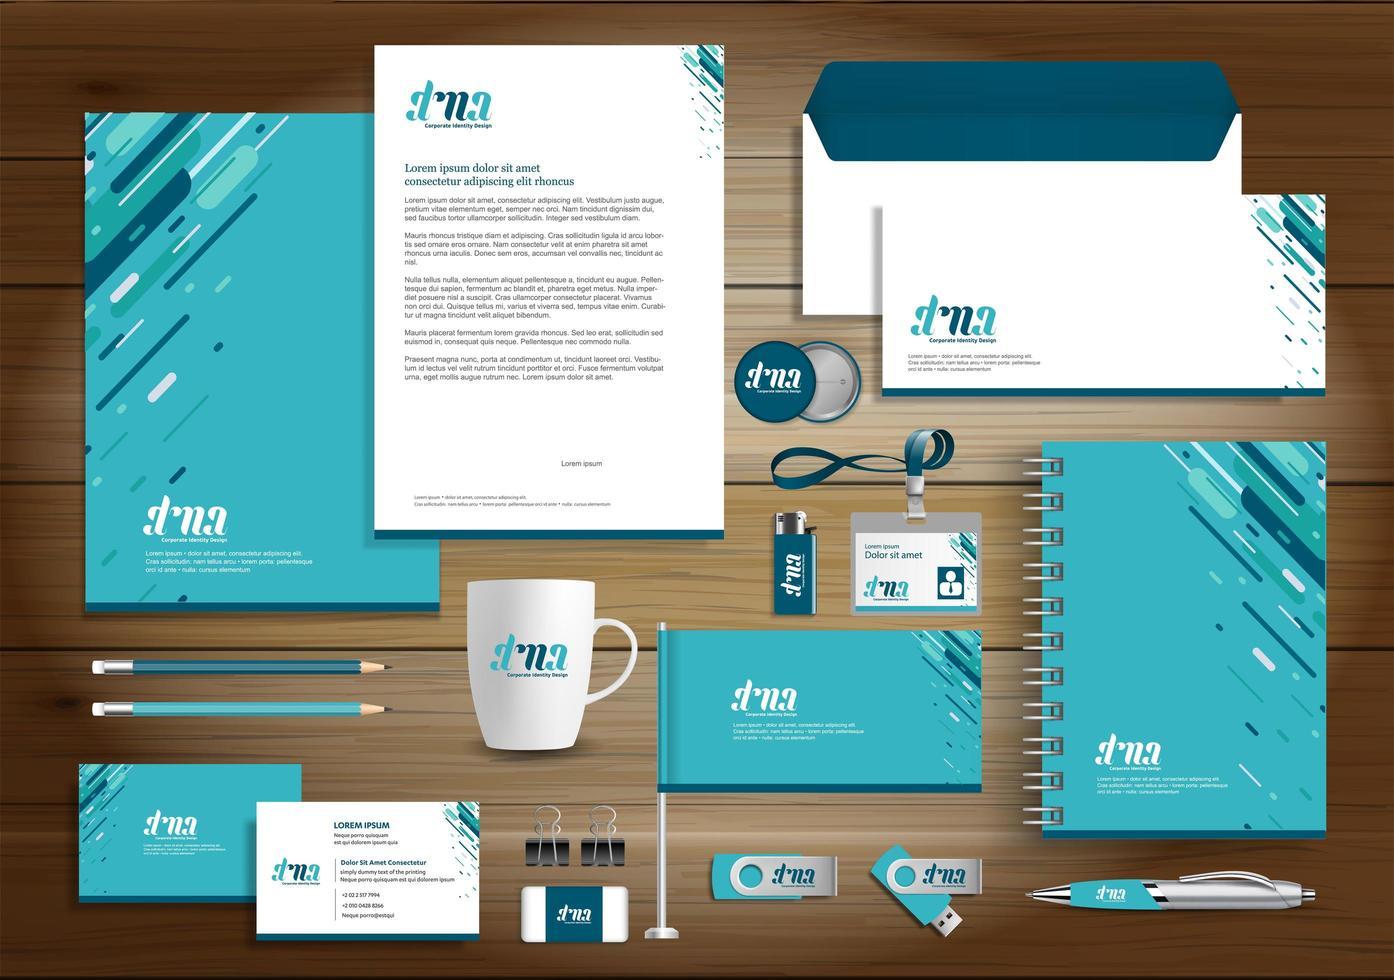 blaue mehrzeilige Designidentität und Werbeartikel vektor